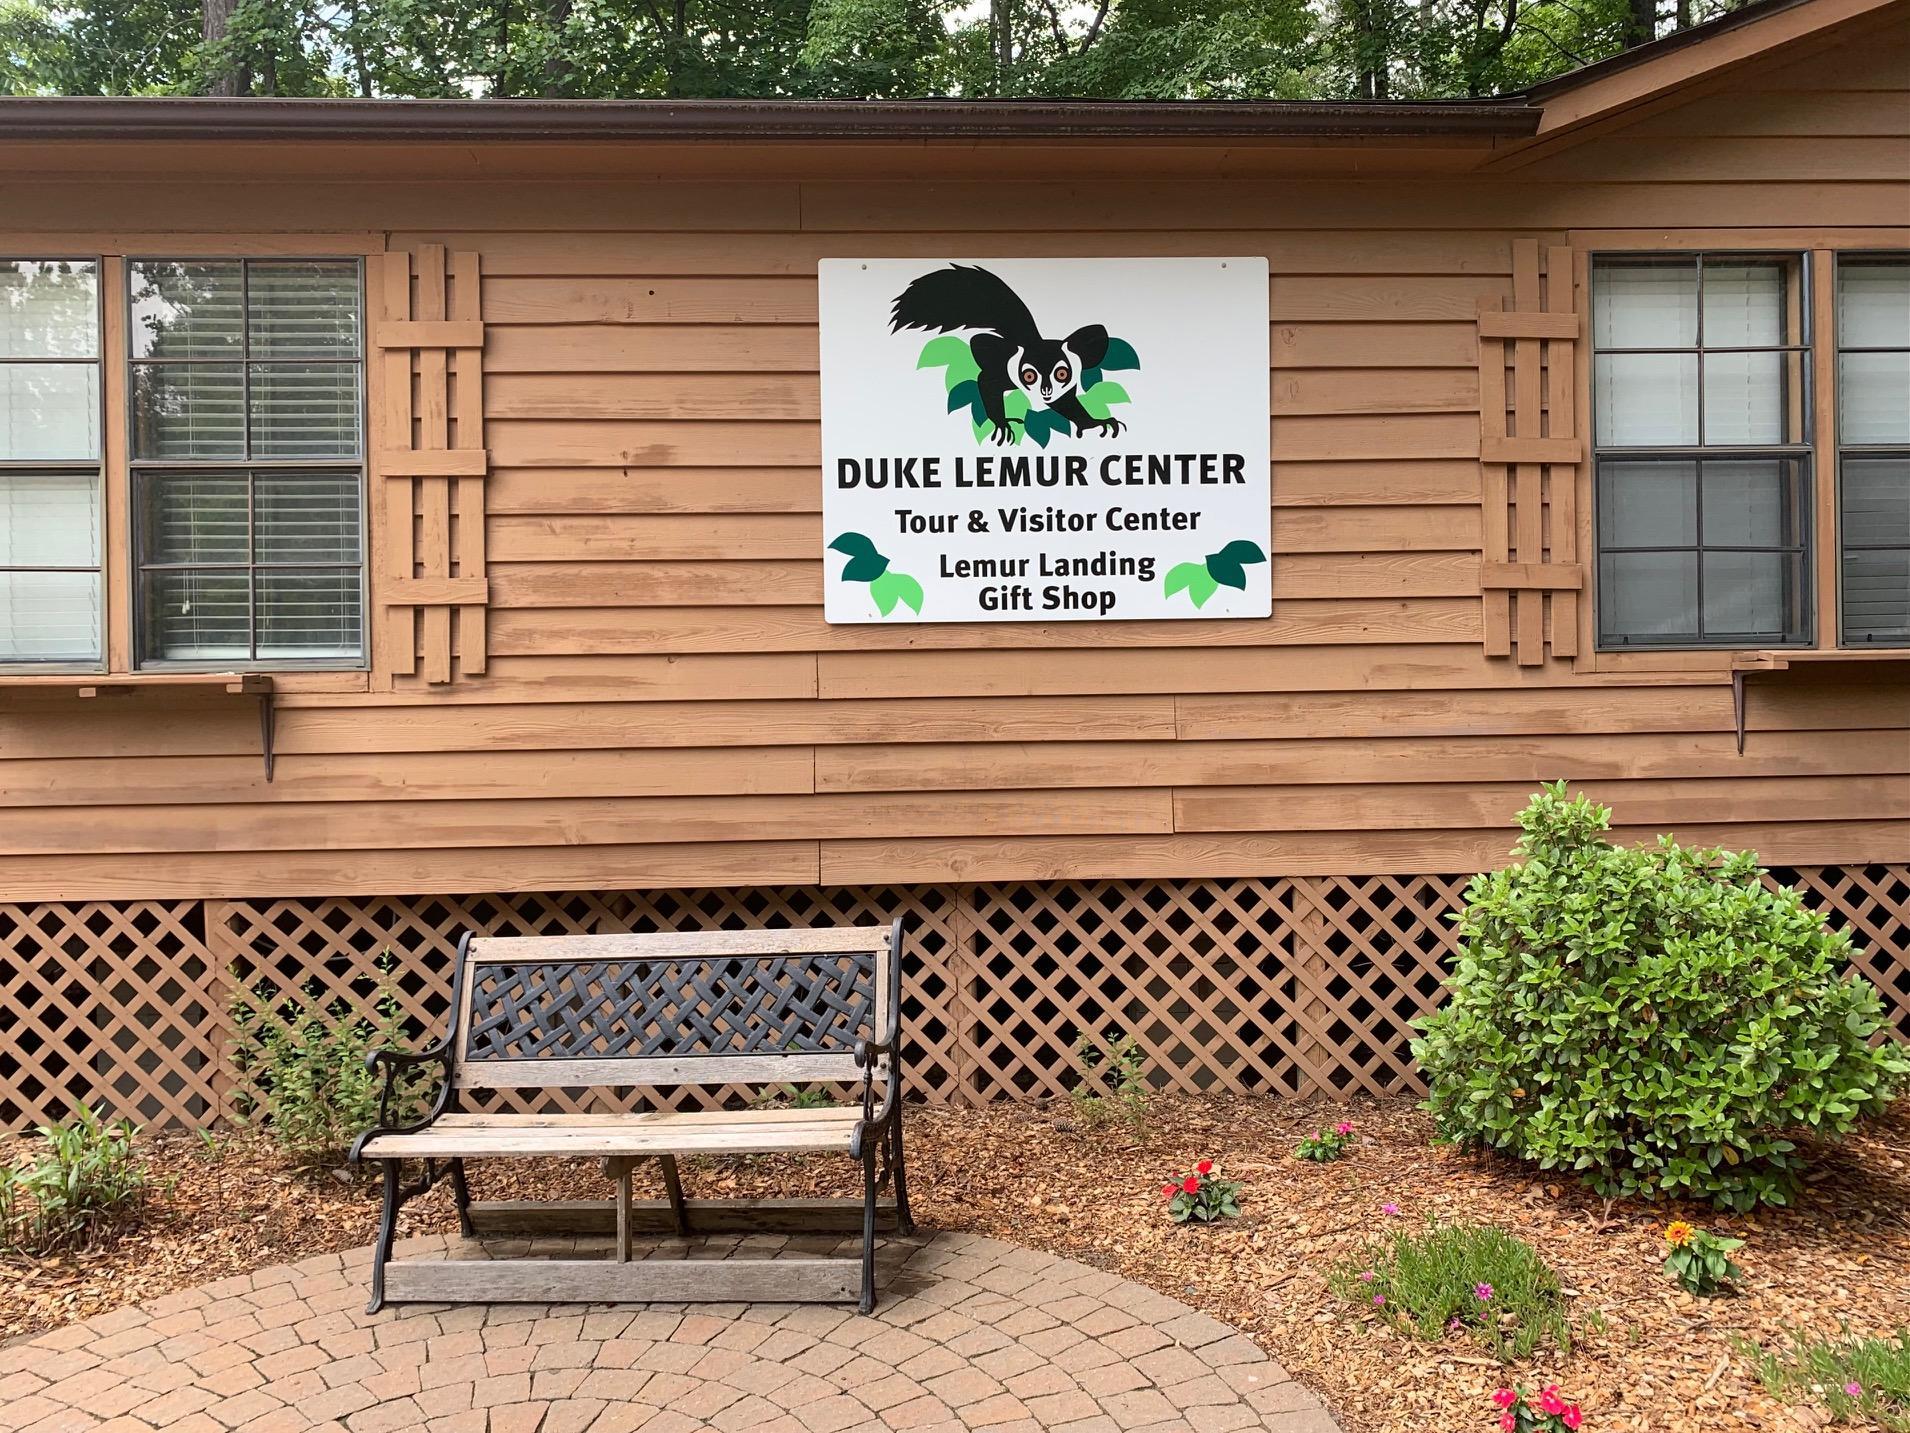 Entrance to the Duke Lemur Center